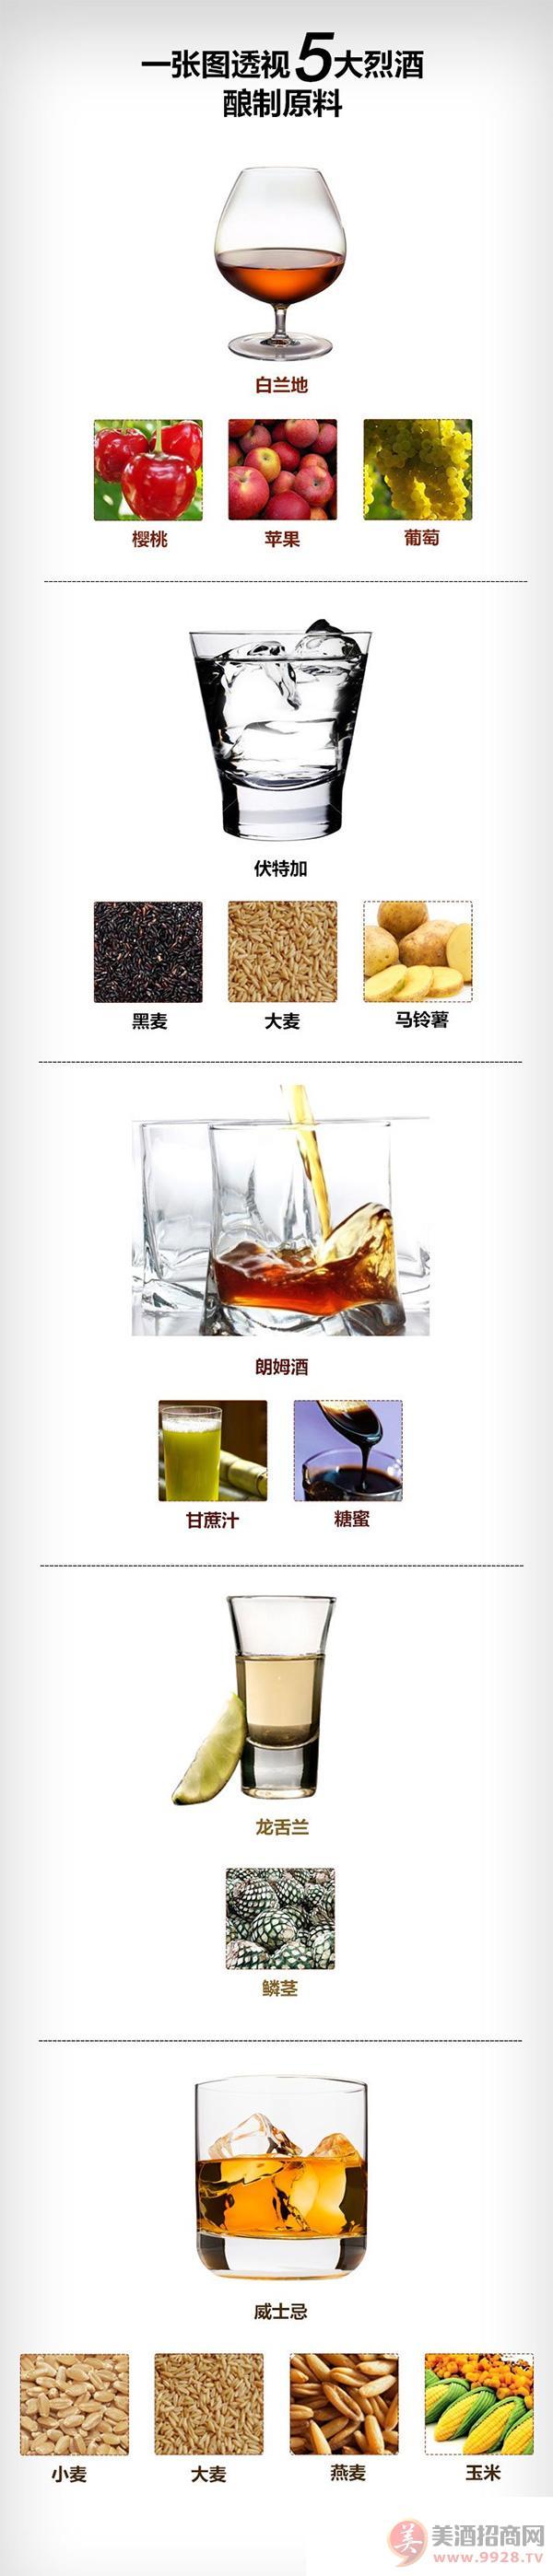 五大常见烈酒酿造原料